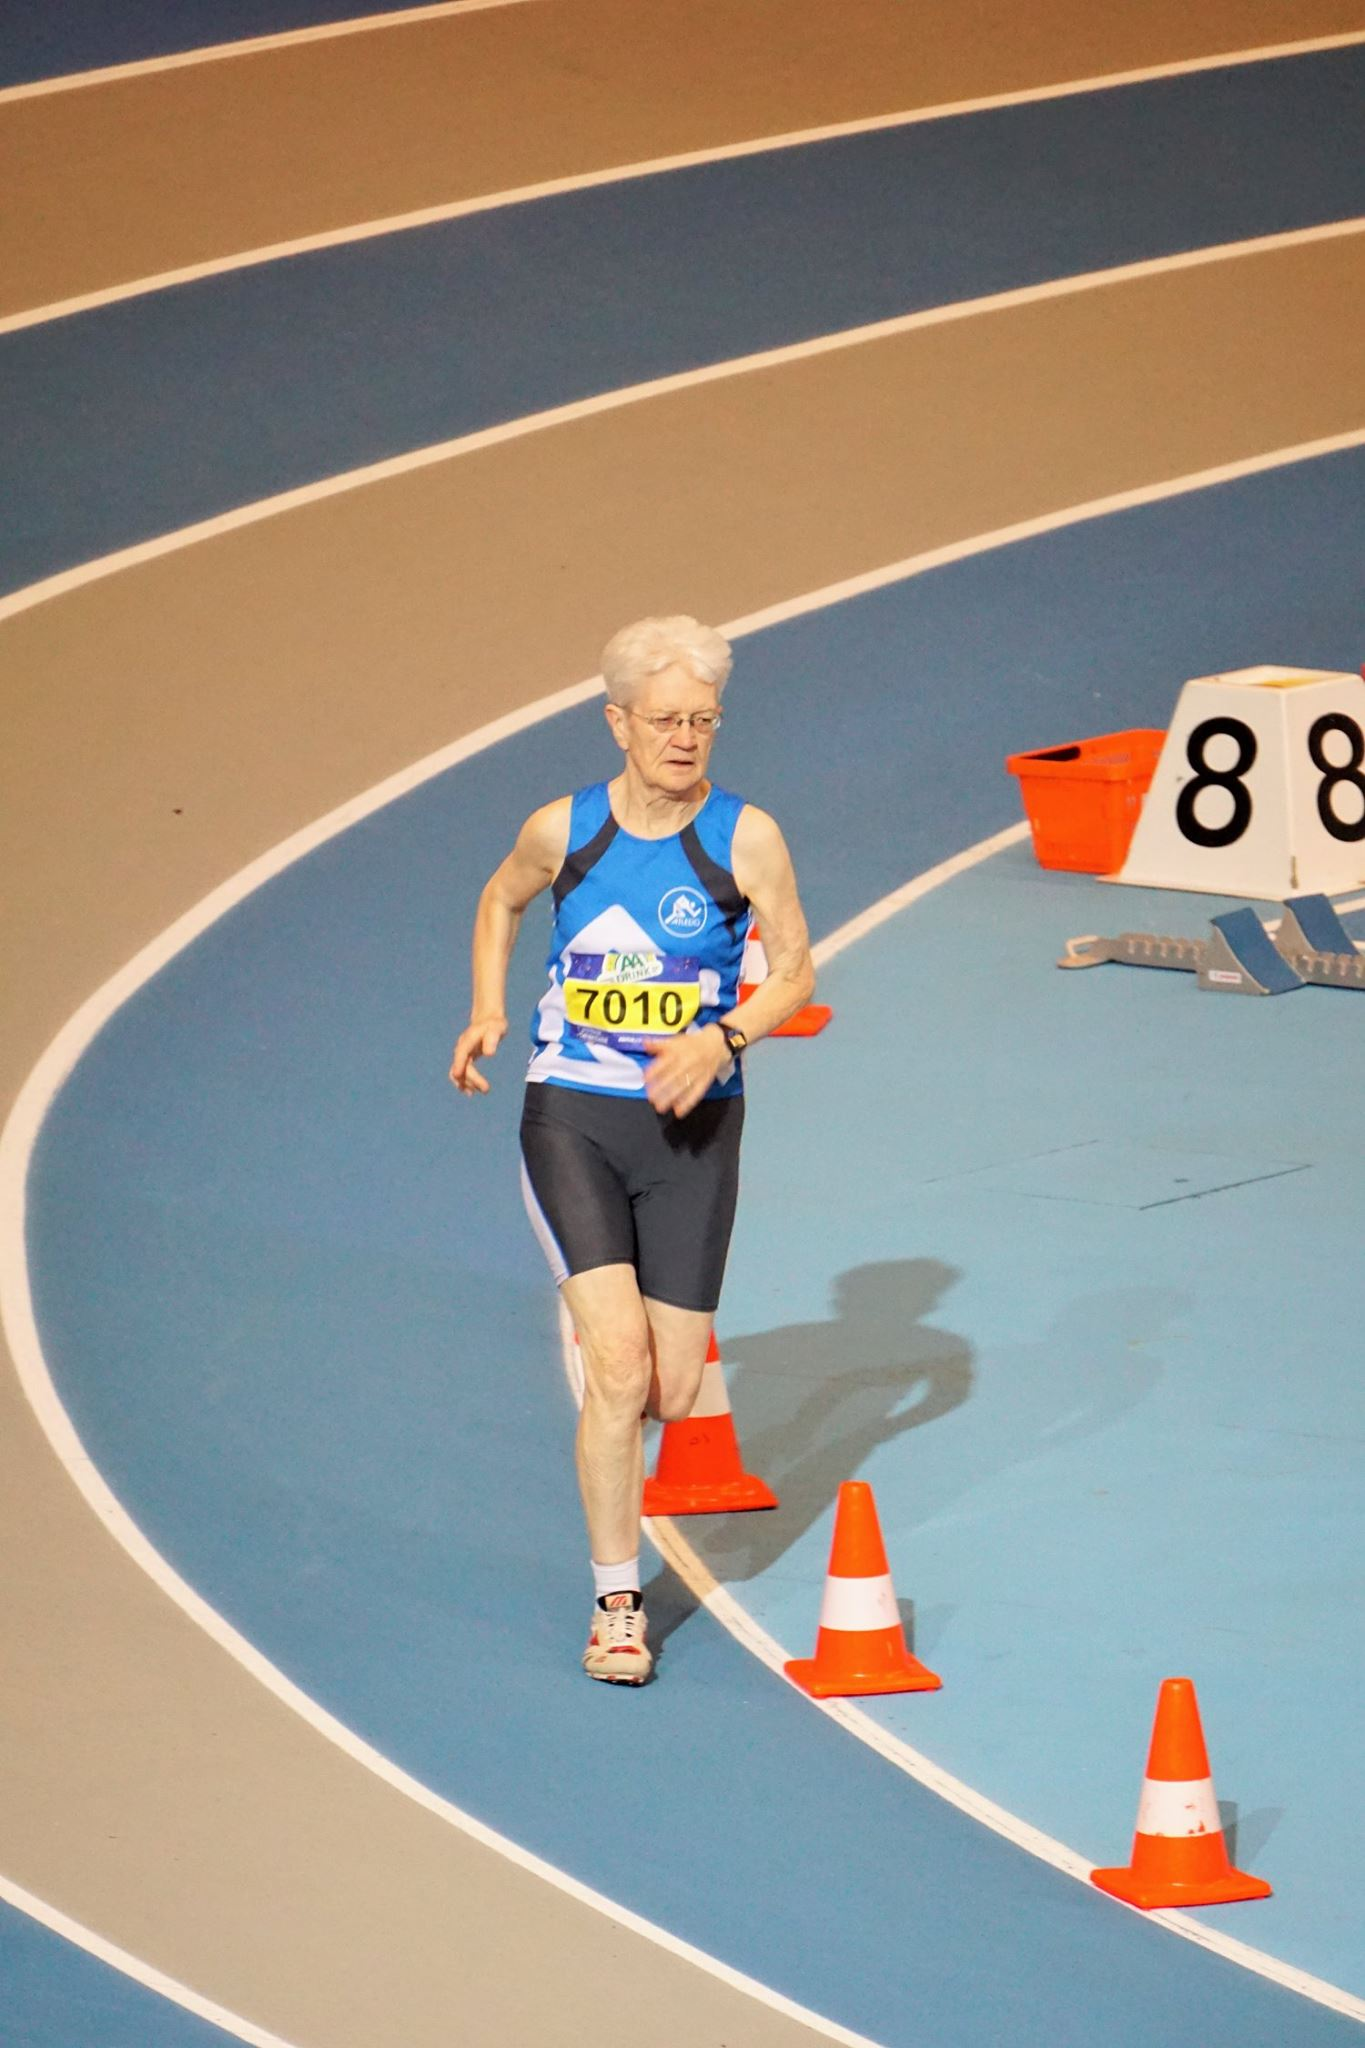 Riet Jonkers op weg naar een nieuw Nederlands Record op de 1500 meter in de categorie V70.